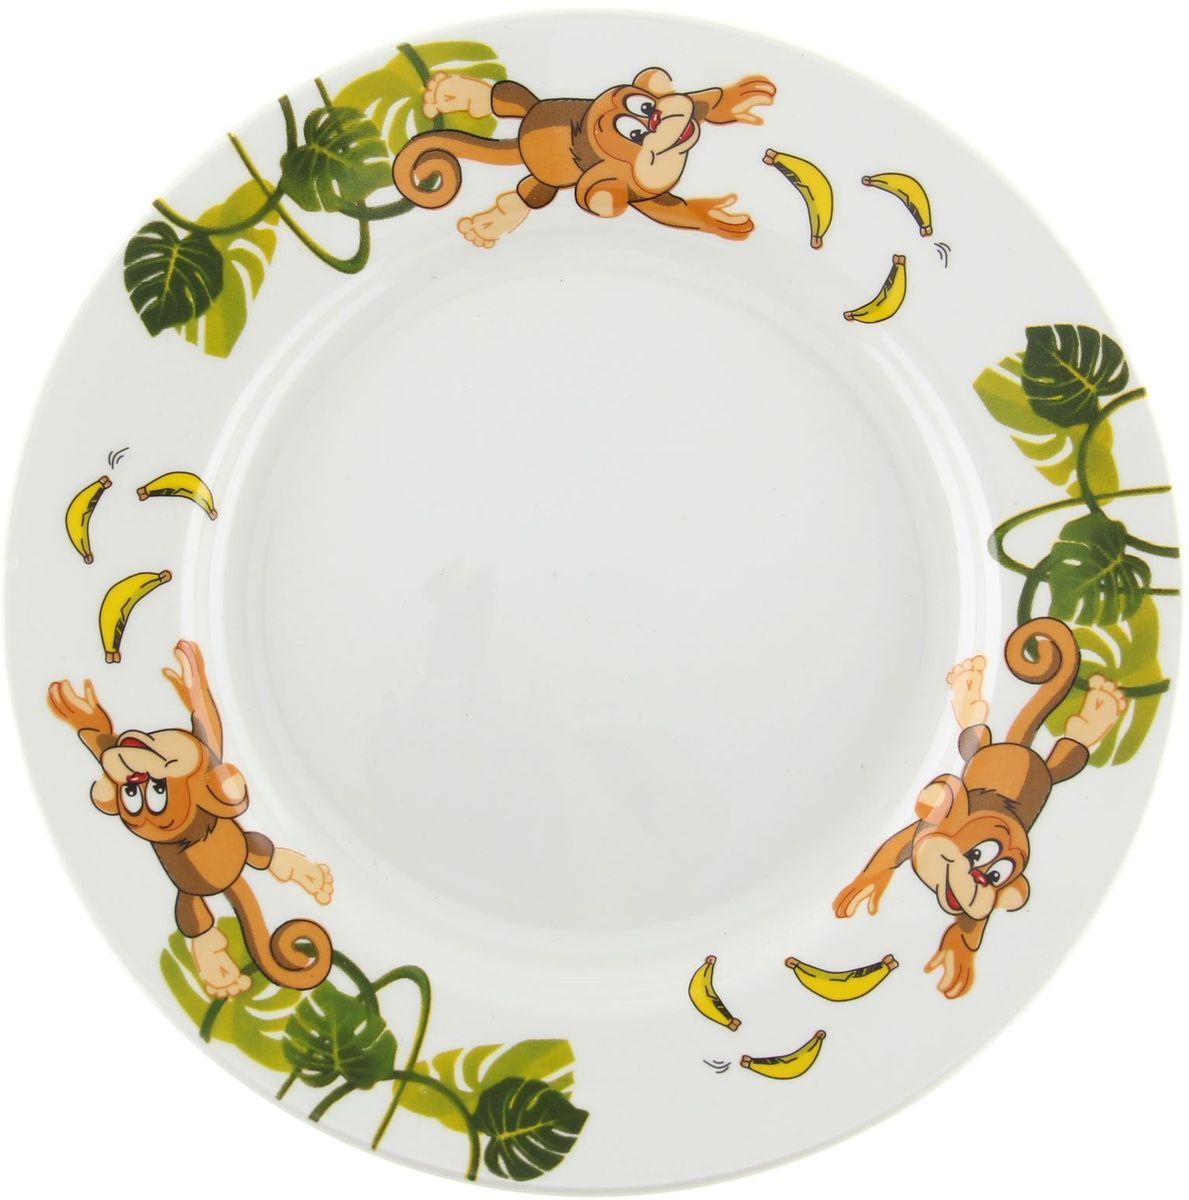 Кубаньфарфор Тарелка детская Обезьянки1301359Фаянсовая детская посуда с забавным рисунком понравится каждому малышу. Изделие из качественного материала станет правильным выбором для повседневной эксплуатации и поможет превратить каждый прием пищи в радостное приключение.Особенности:- простота мойки,- стойкость к запахам,- насыщенный цвет.